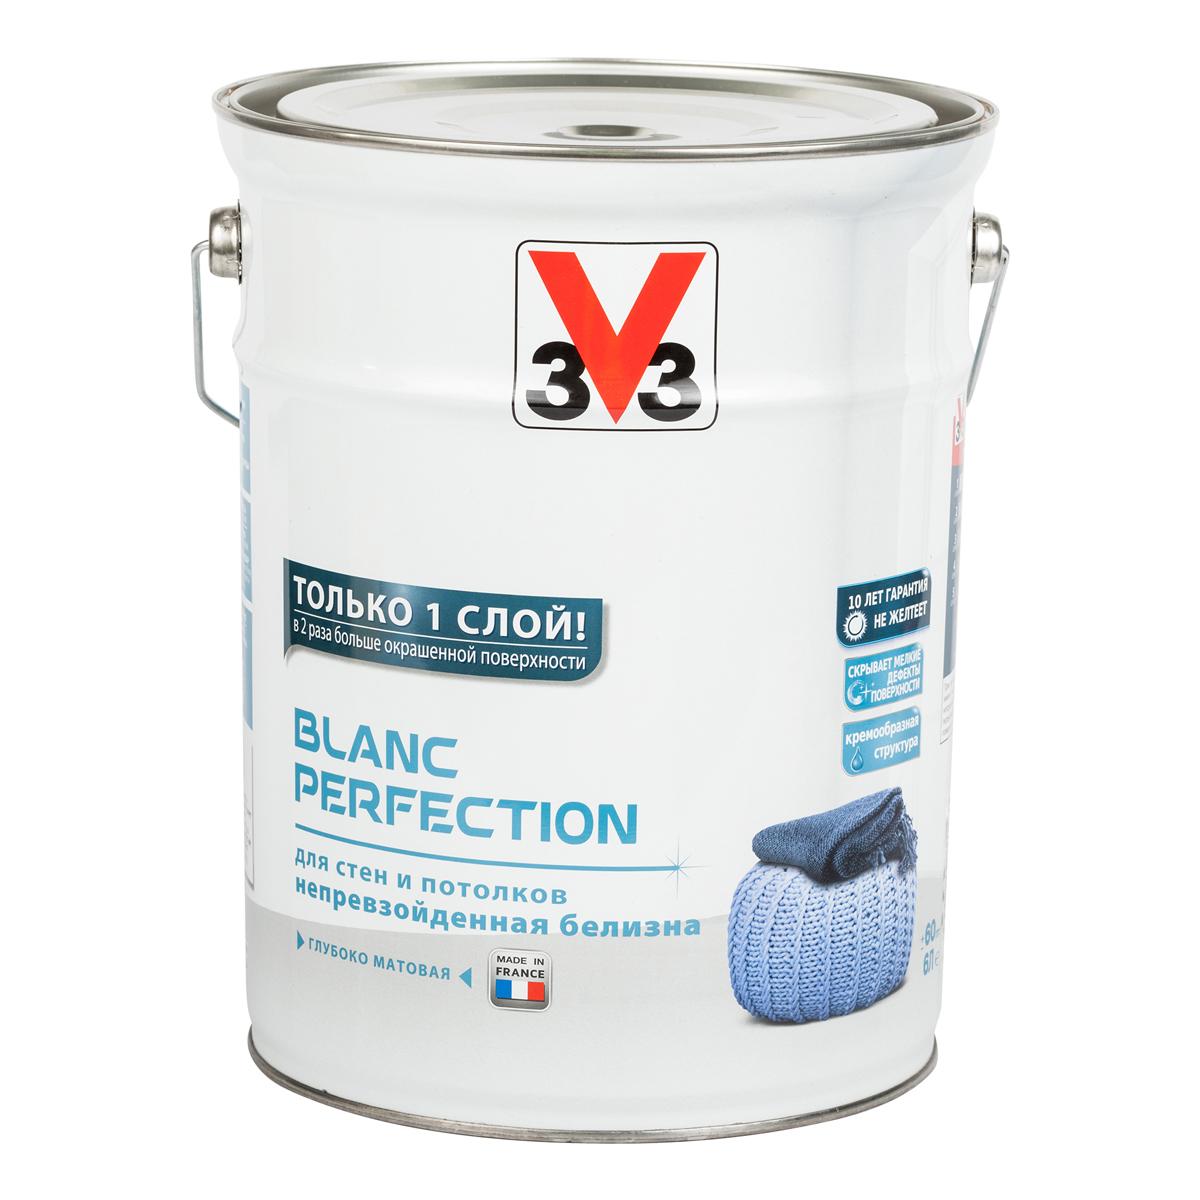 """Краска для стен и потолков V33 """"Blanc Perfection"""", 6 л 106869"""